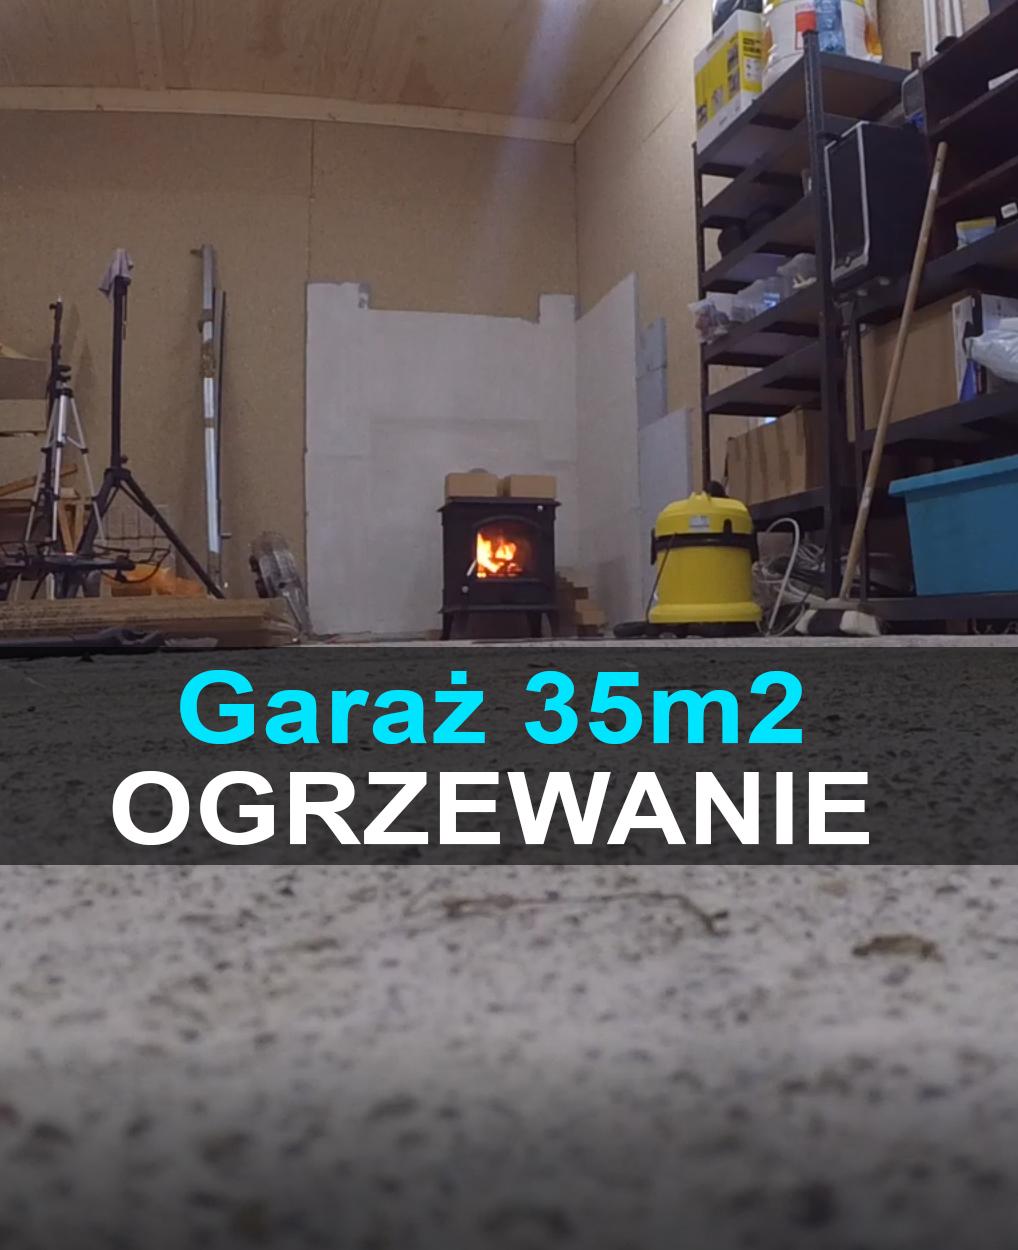 Montaż komina izolowanego, ogrzewanie w garażu, garaż bez pozwolenia na budowę